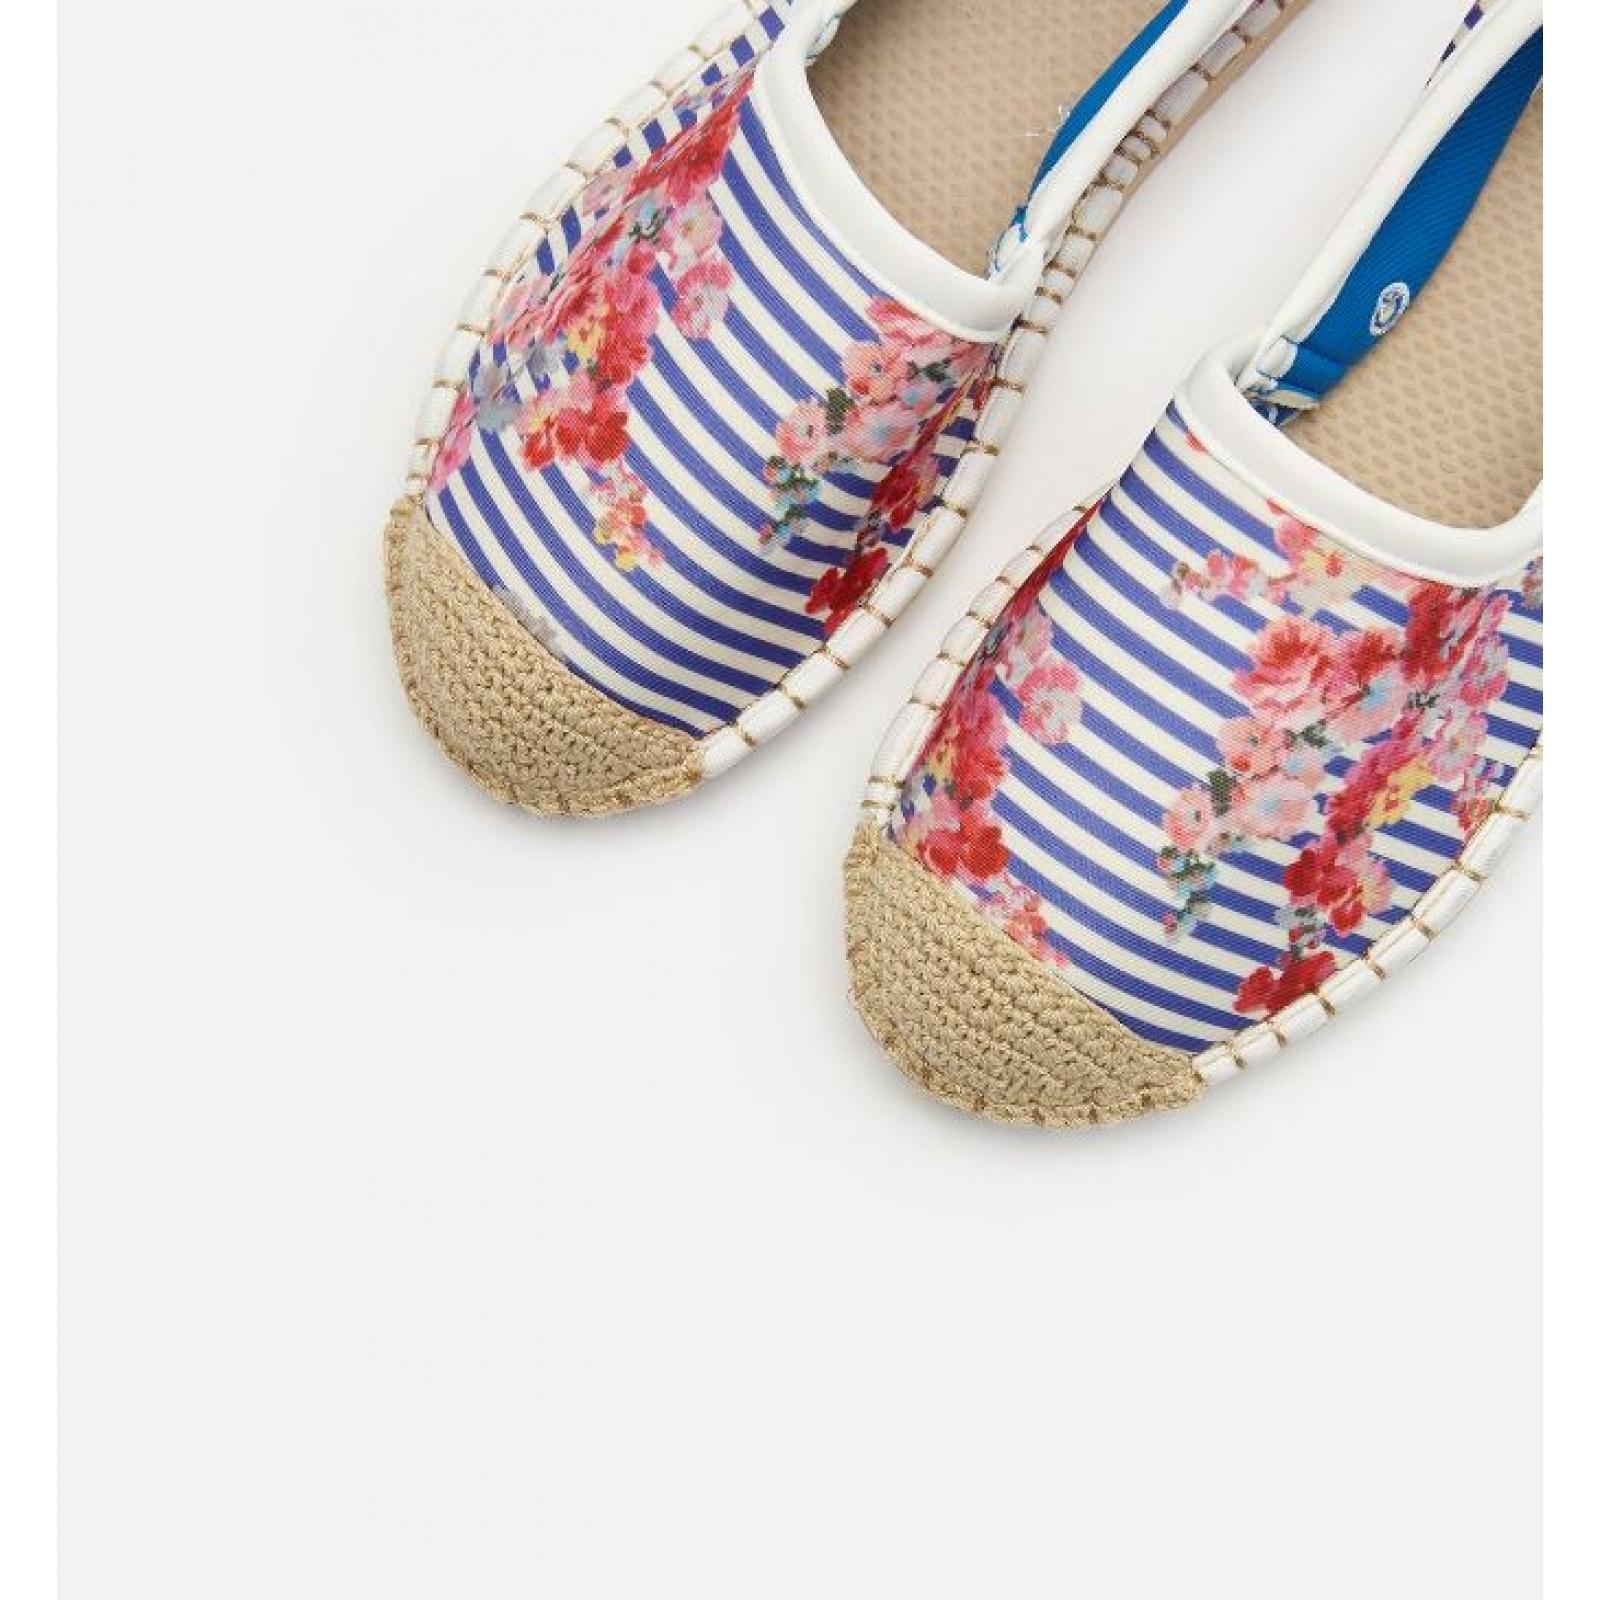 Joules-Ocean-Flipadrille-Lightweight-Summer-Shoe-SS19 miniature 5